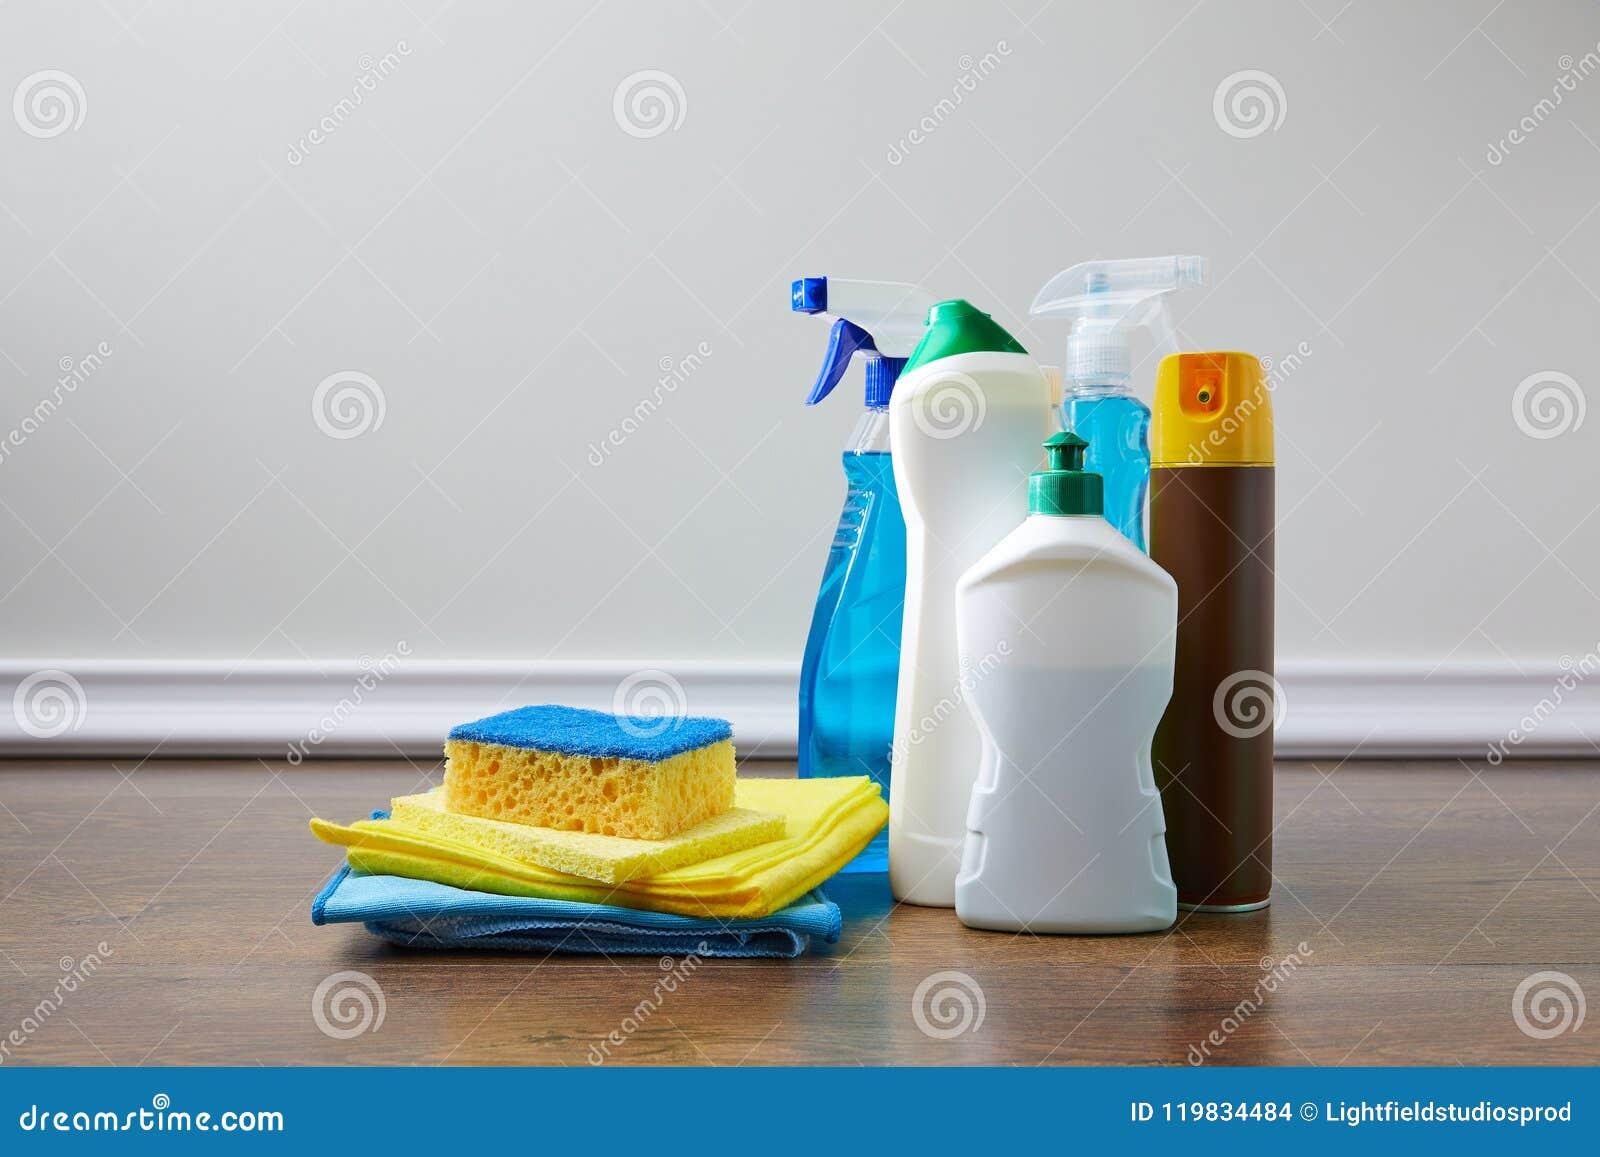 εσωτερικές προμήθειες για τον ανοιξιάτικο καθαρισμό